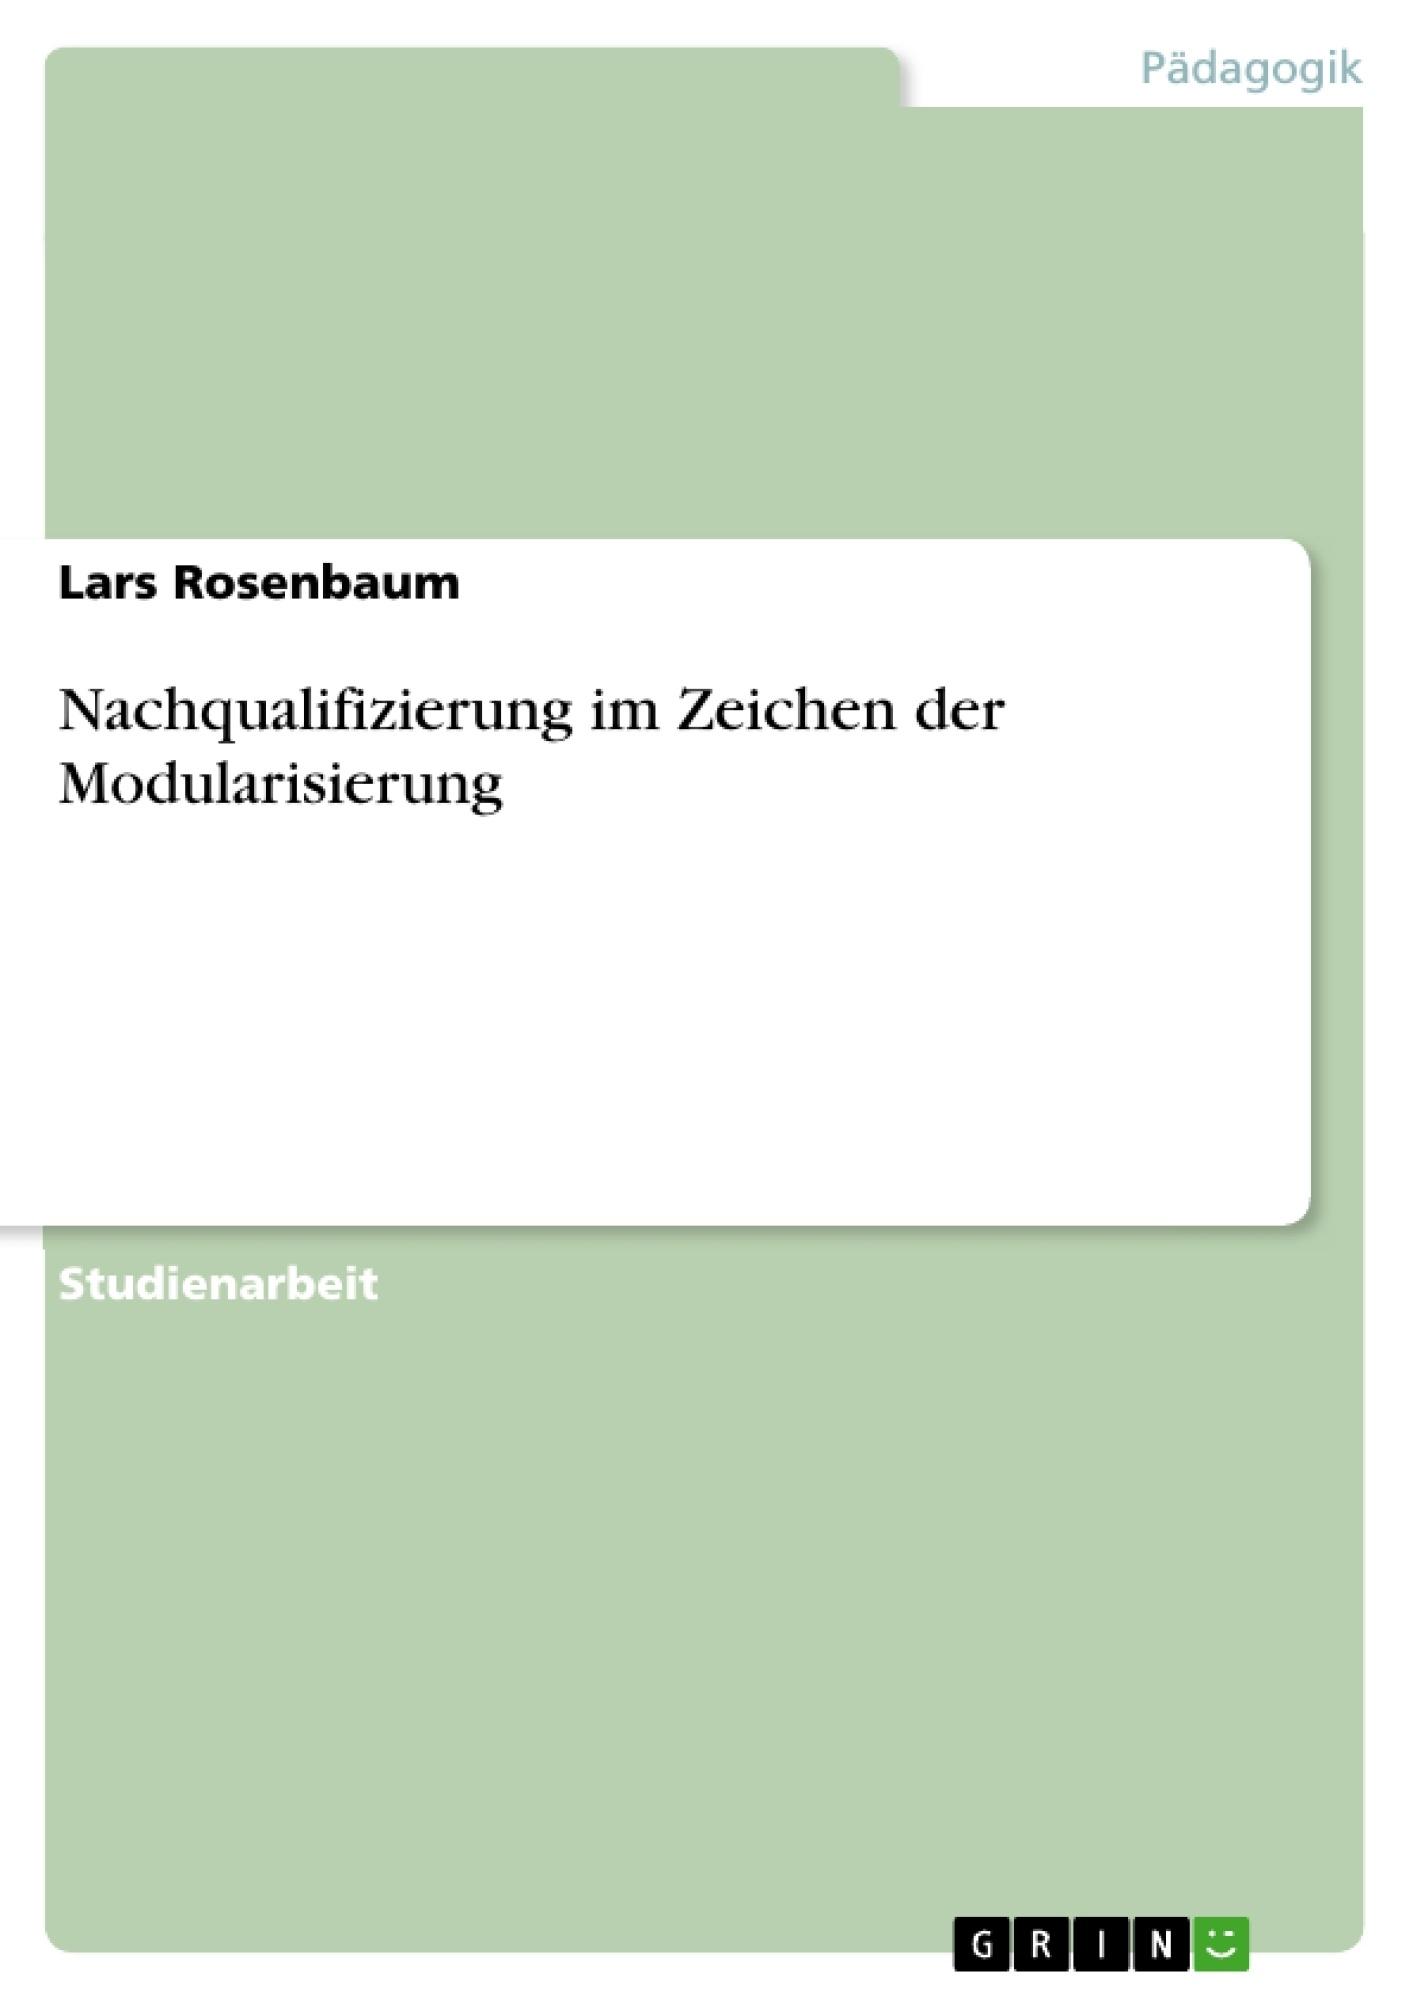 Titel: Nachqualifizierung im Zeichen der Modularisierung